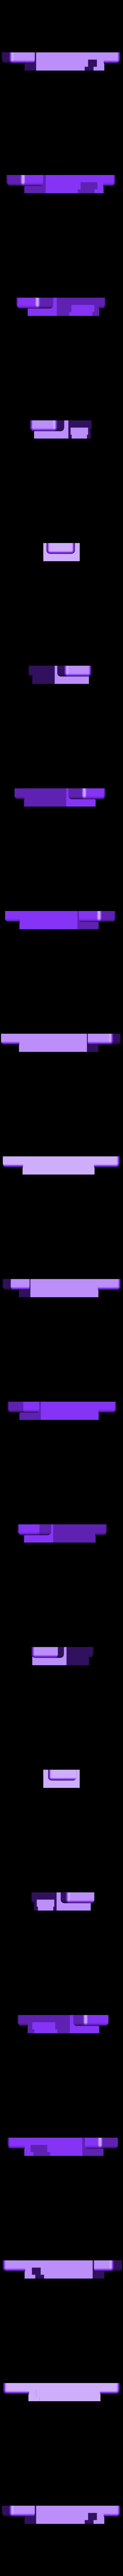 Parte7_V3.stl Download free STL file Toilet paper holder for children / support for the bathroom • 3D printing design, KikeSM